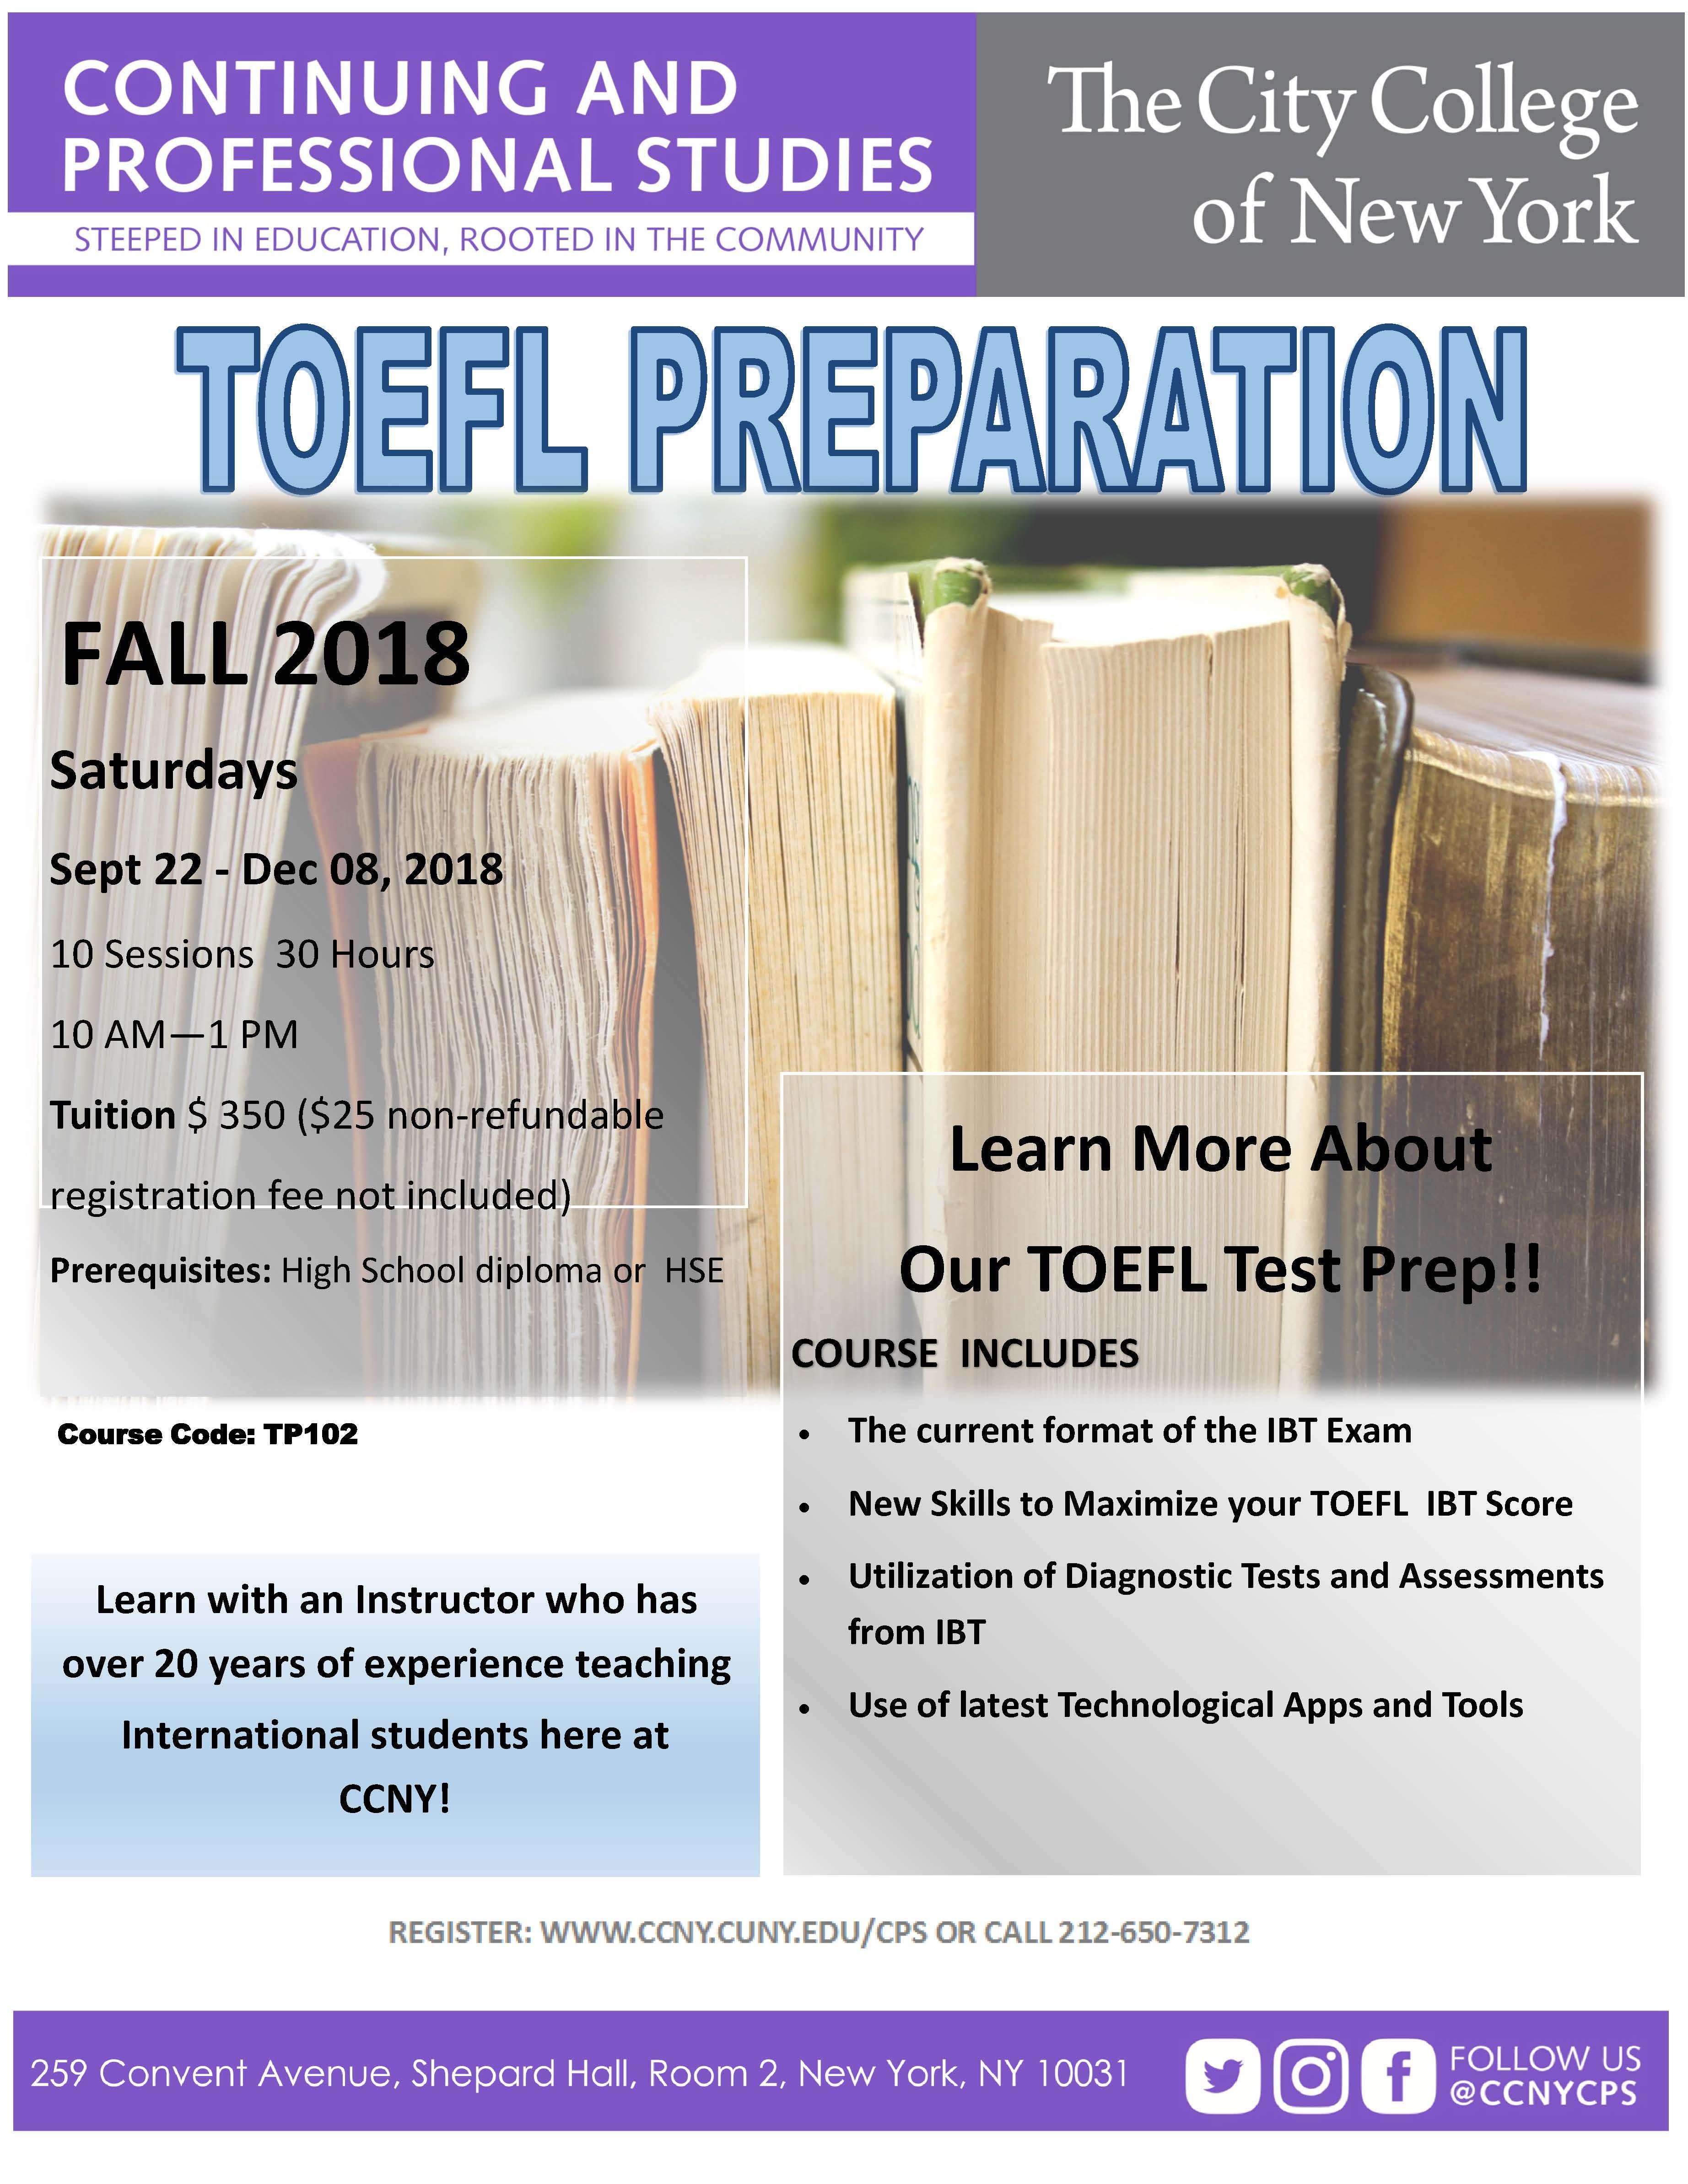 TOEFL Prep Fall 18